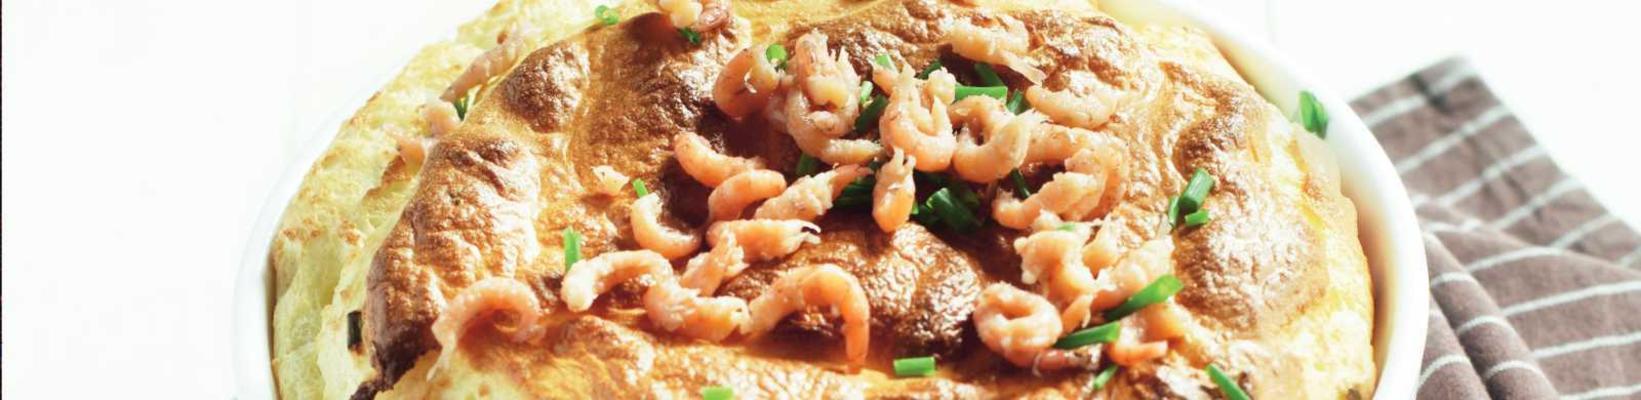 shrimp soufflé